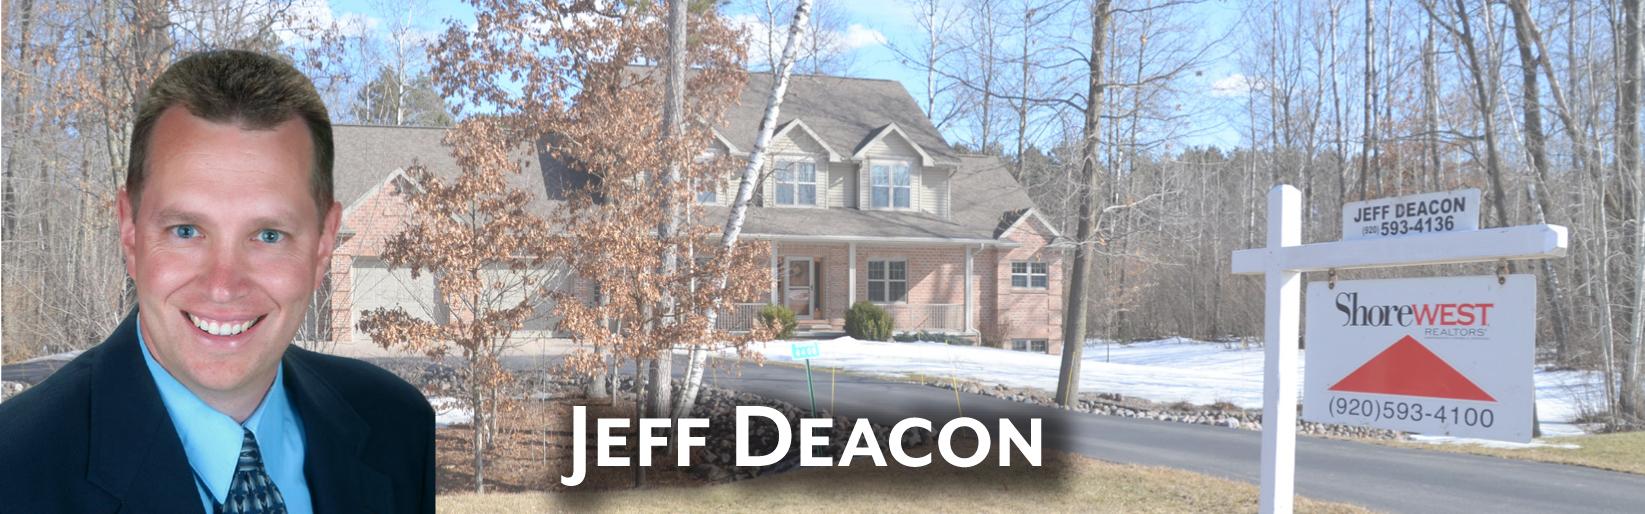 Jeff Deacon